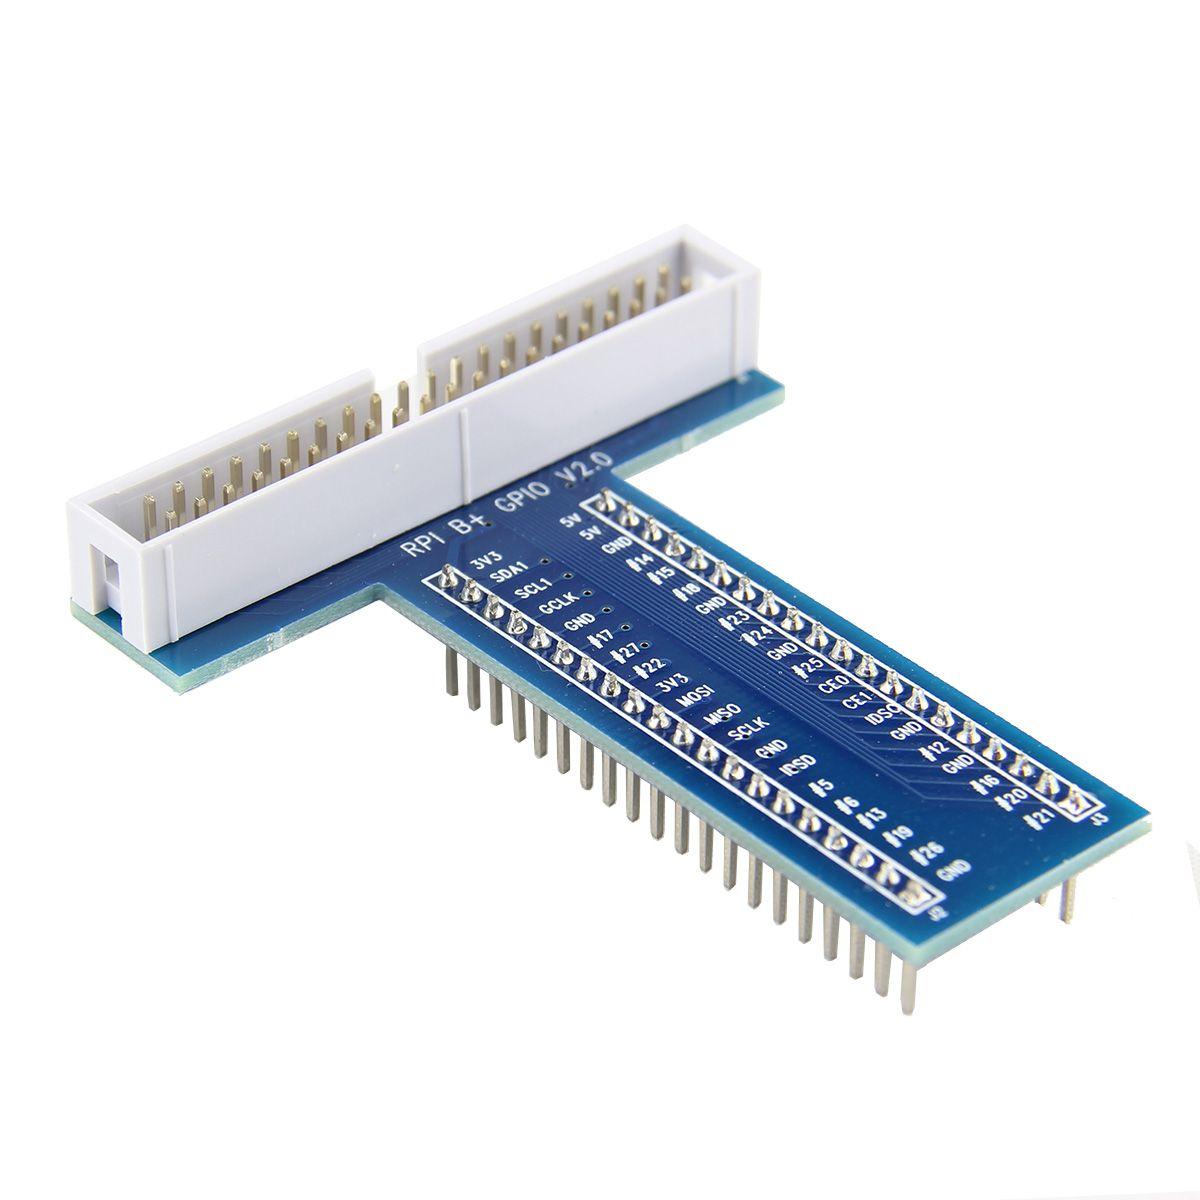 Raspberry Pi GPIO adapter board V2.0 extension board für Raspberry Pi